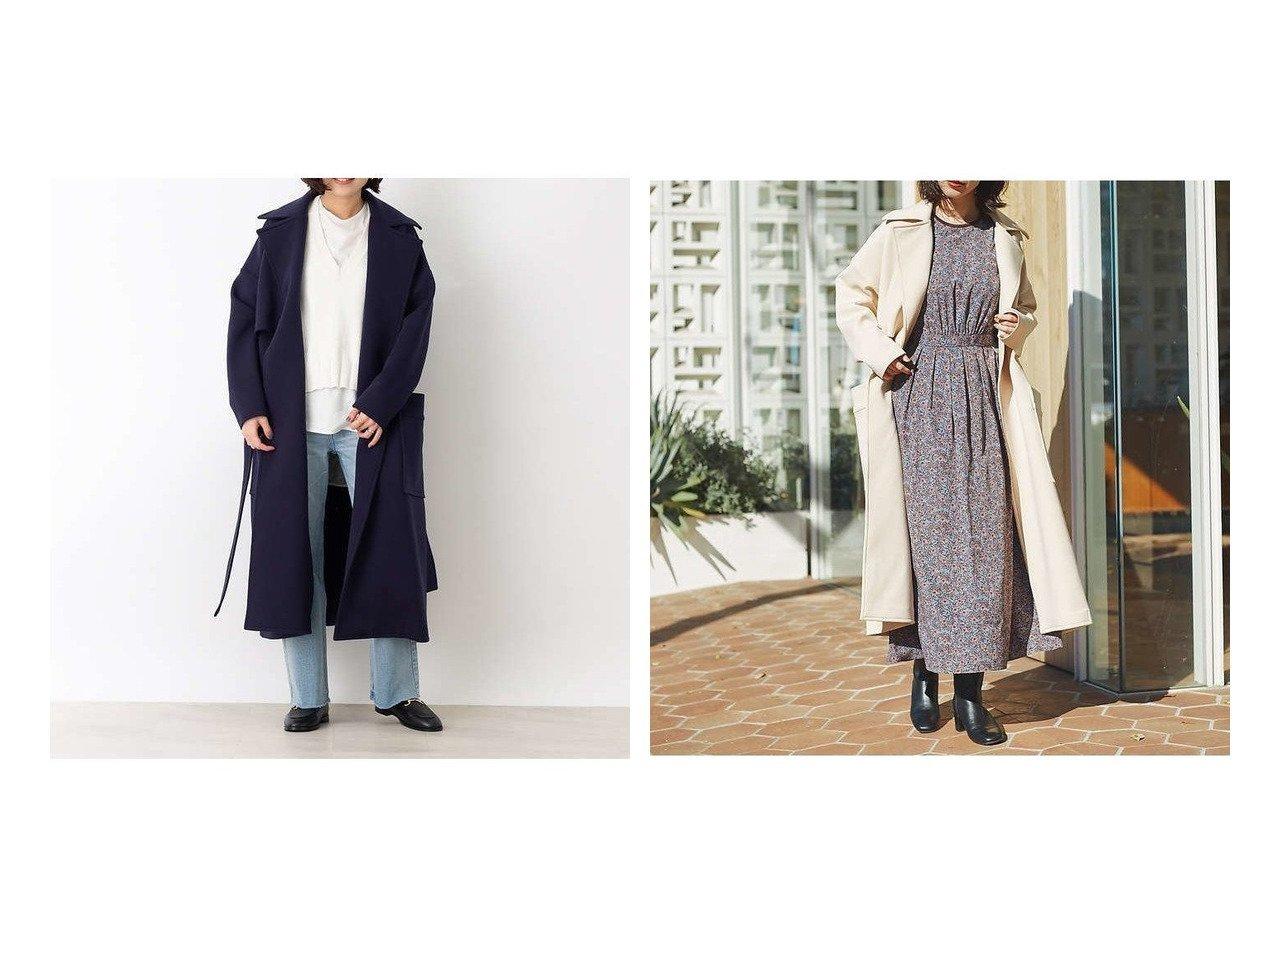 【Rouge vif la cle/ルージュヴィフラクレ】のジャージーコート アウターのおすすめ!人気、トレンド・レディースファッションの通販 おすすめで人気の流行・トレンド、ファッションの通販商品 メンズファッション・キッズファッション・インテリア・家具・レディースファッション・服の通販 founy(ファニー) https://founy.com/ ファッション Fashion レディースファッション WOMEN アウター Coat Outerwear コート Coats トレンチコート Trench Coats エアリー ジャージー 再入荷 Restock/Back in Stock/Re Arrival 冬 Winter 春 Spring |ID:crp329100000022643